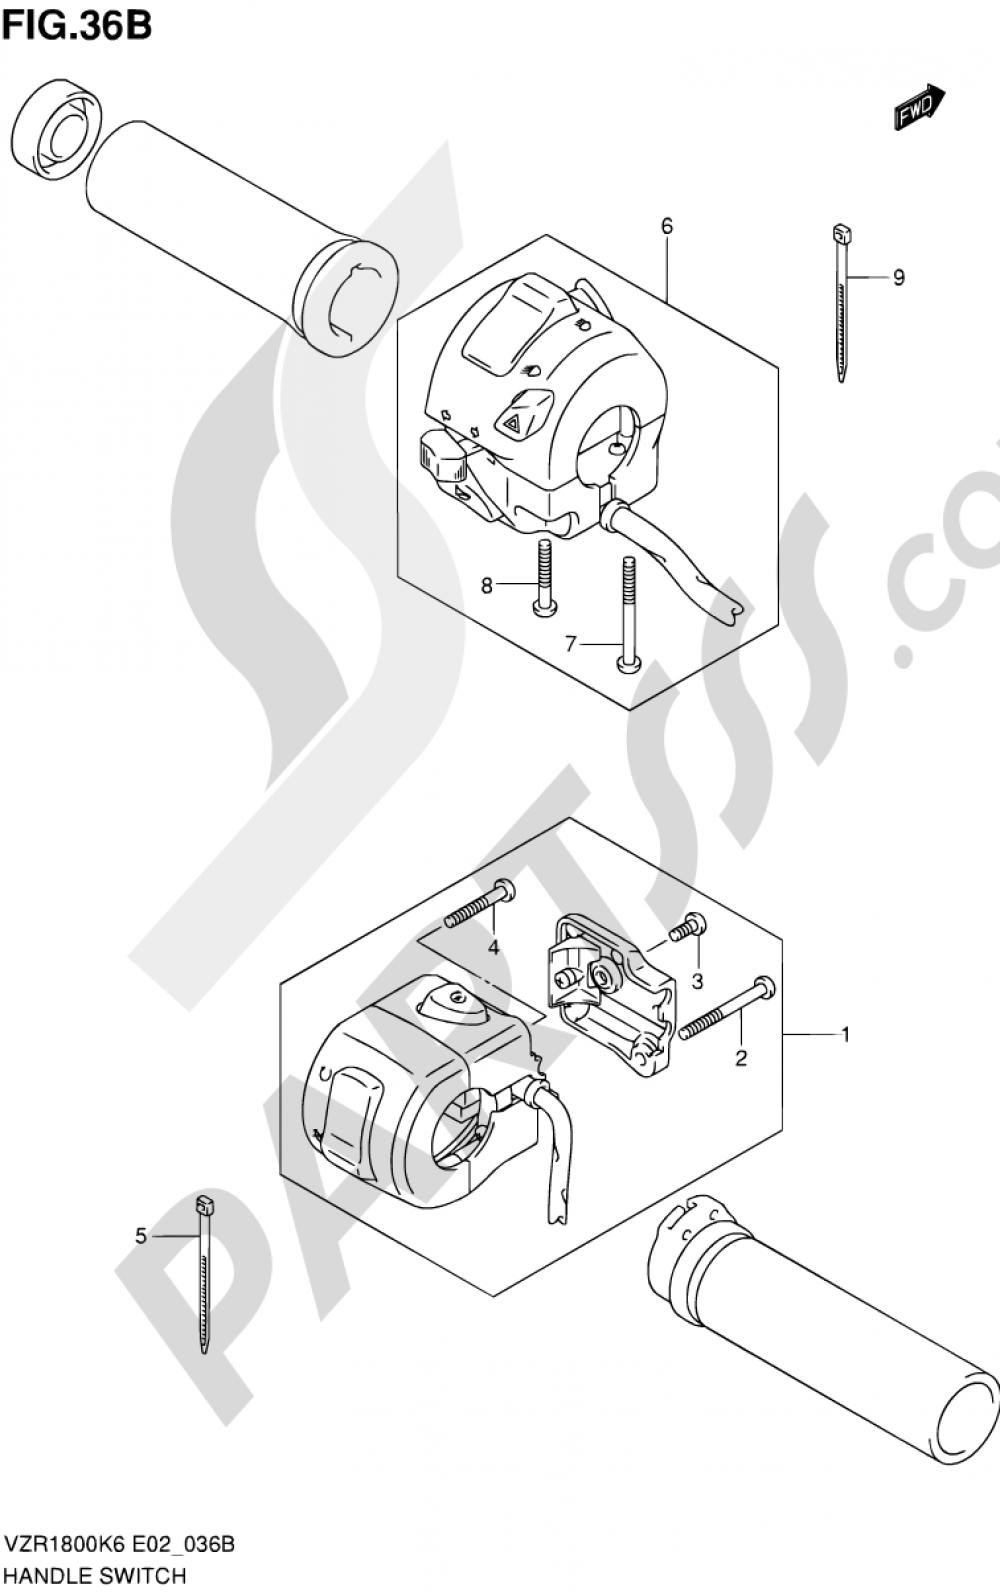 36B - HANDLE SWITCH (VZR1800ZK9/ZUFK9/ZL0/ZUFL0) Suzuki VZR1800Z 2009